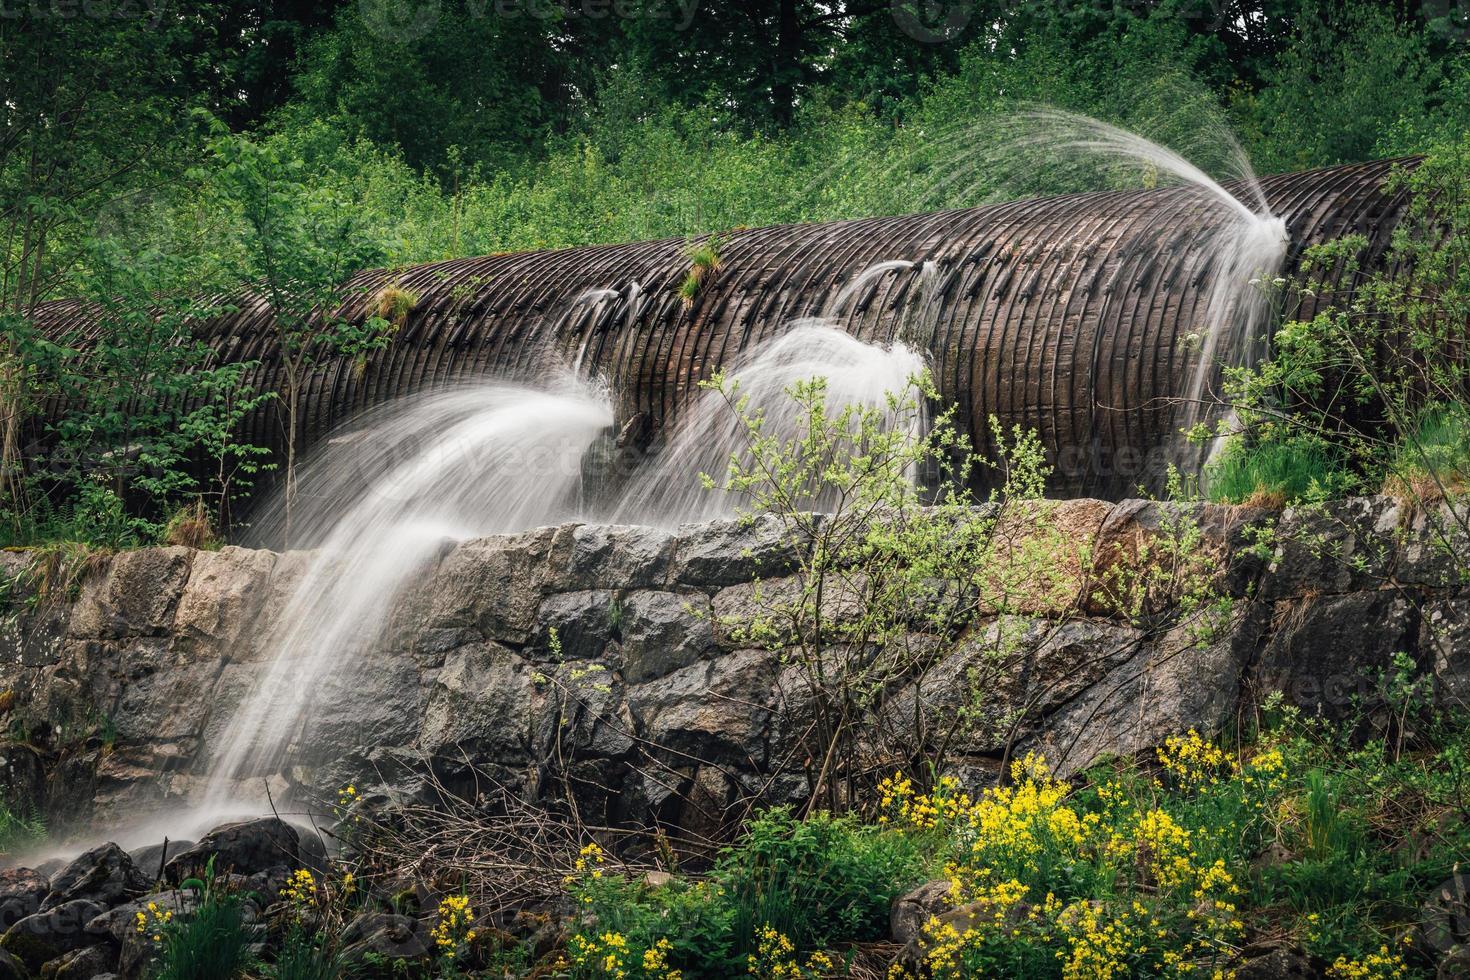 tube d'eau qui fuit avec des cascades d'eau photo